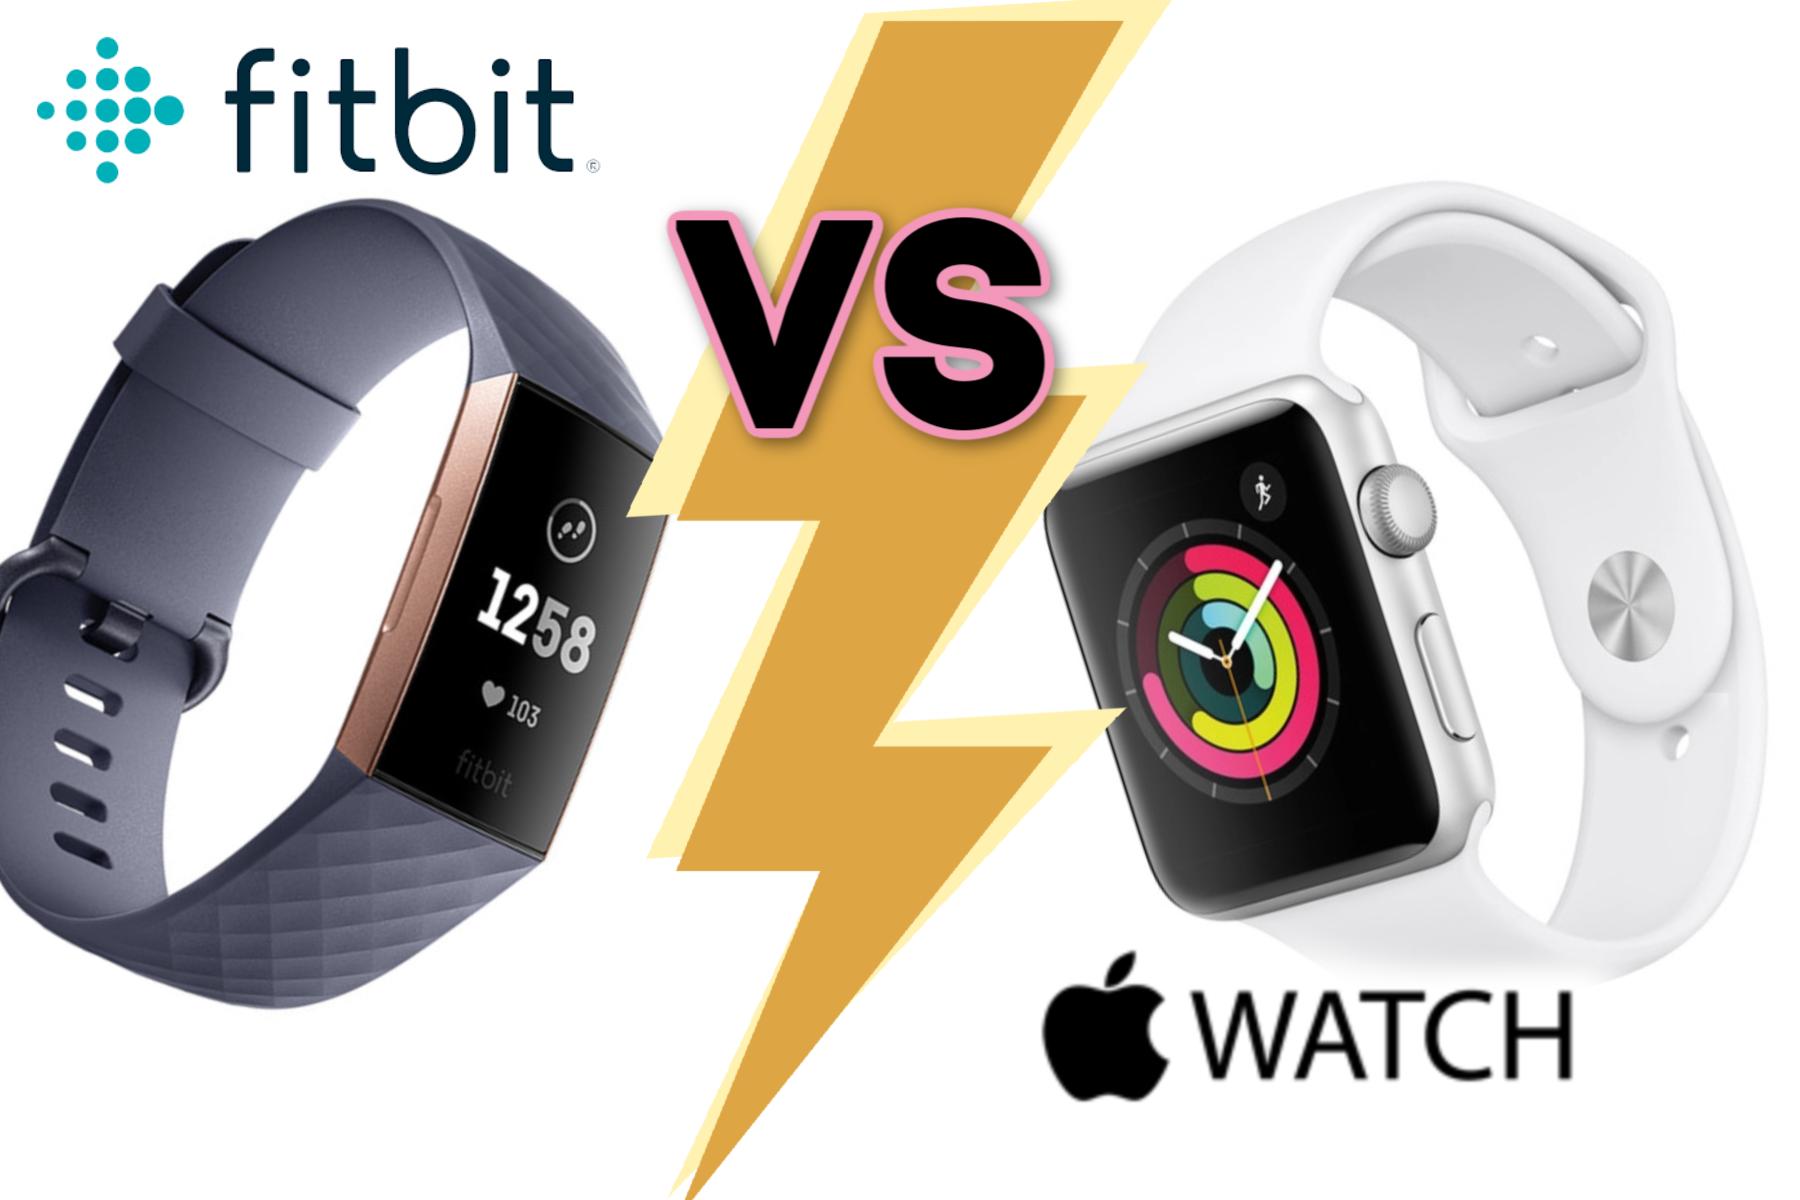 GTT: Apple Watch vs Fitbit